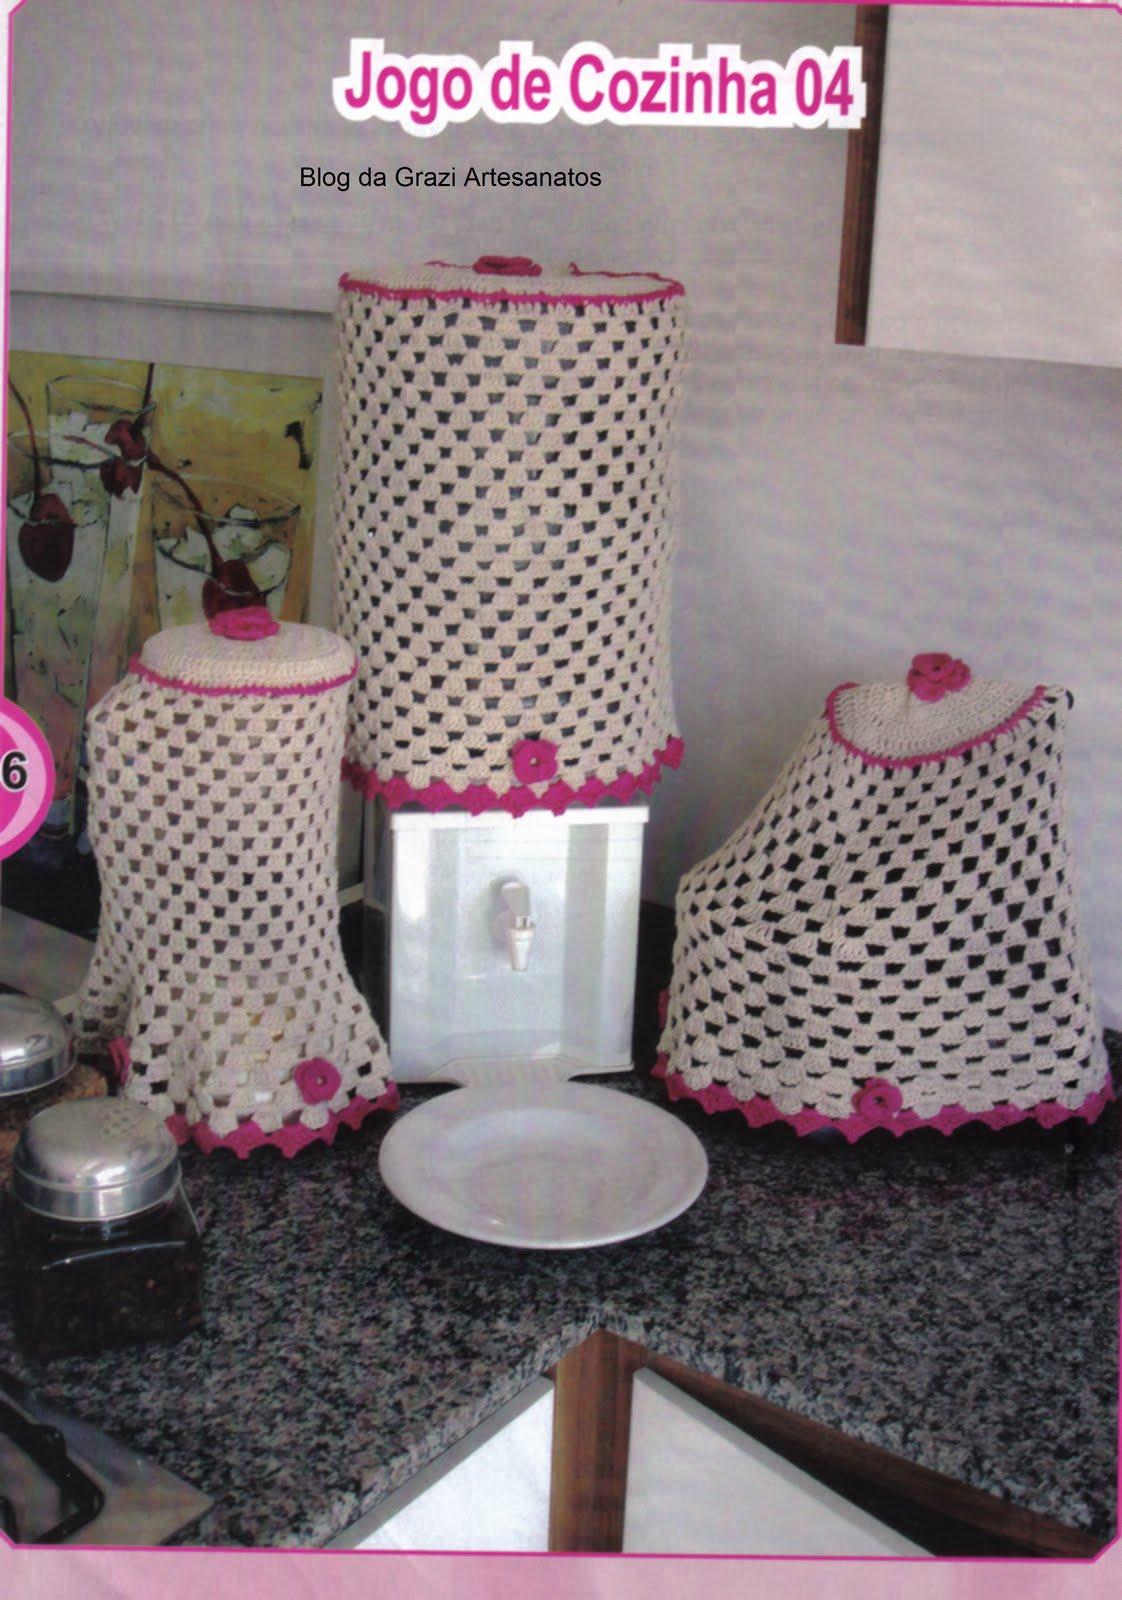 em Trabalhos Manuais: Jogo de Cozinha em Crochê Barbante com Gráfico